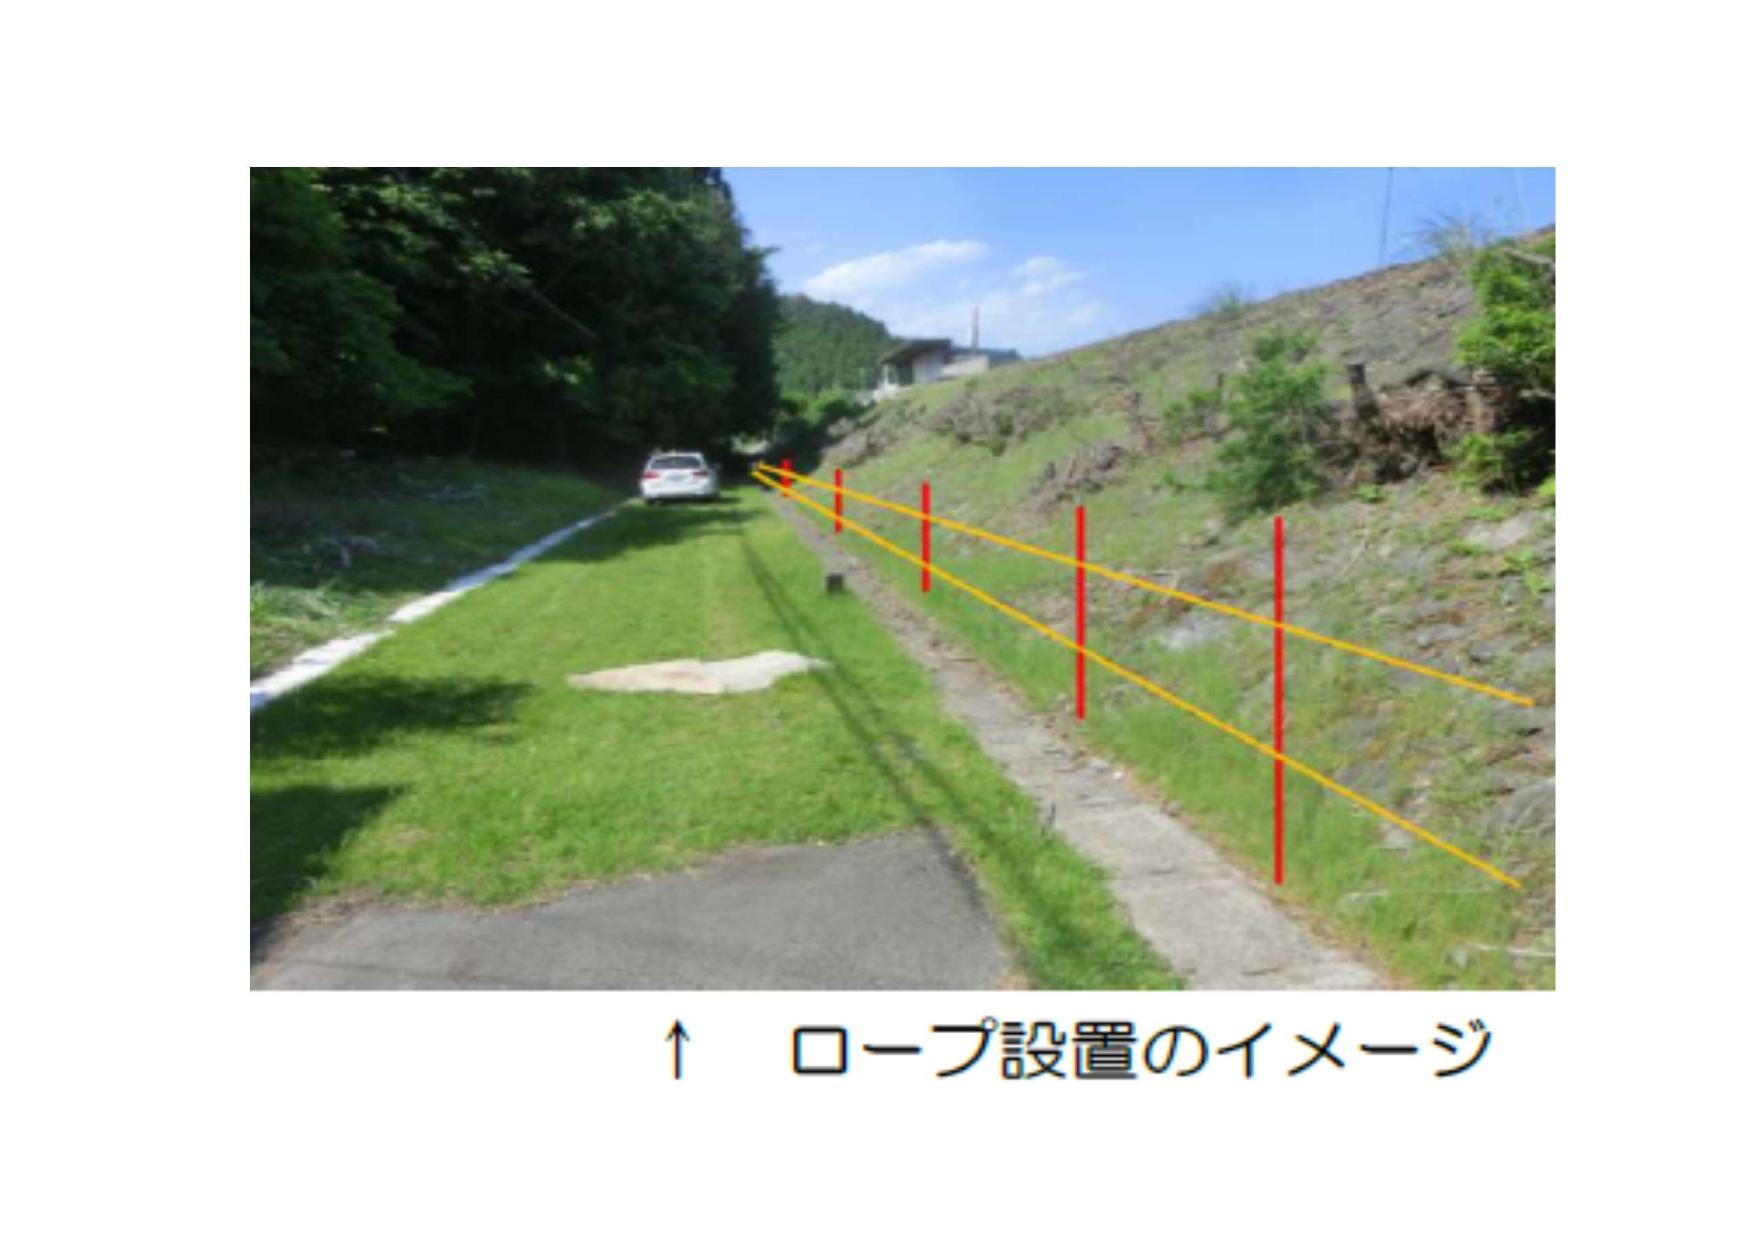 プロサッカー選手による鹿よけ対策ロープの設置作業が行われます【三陸鉄道】